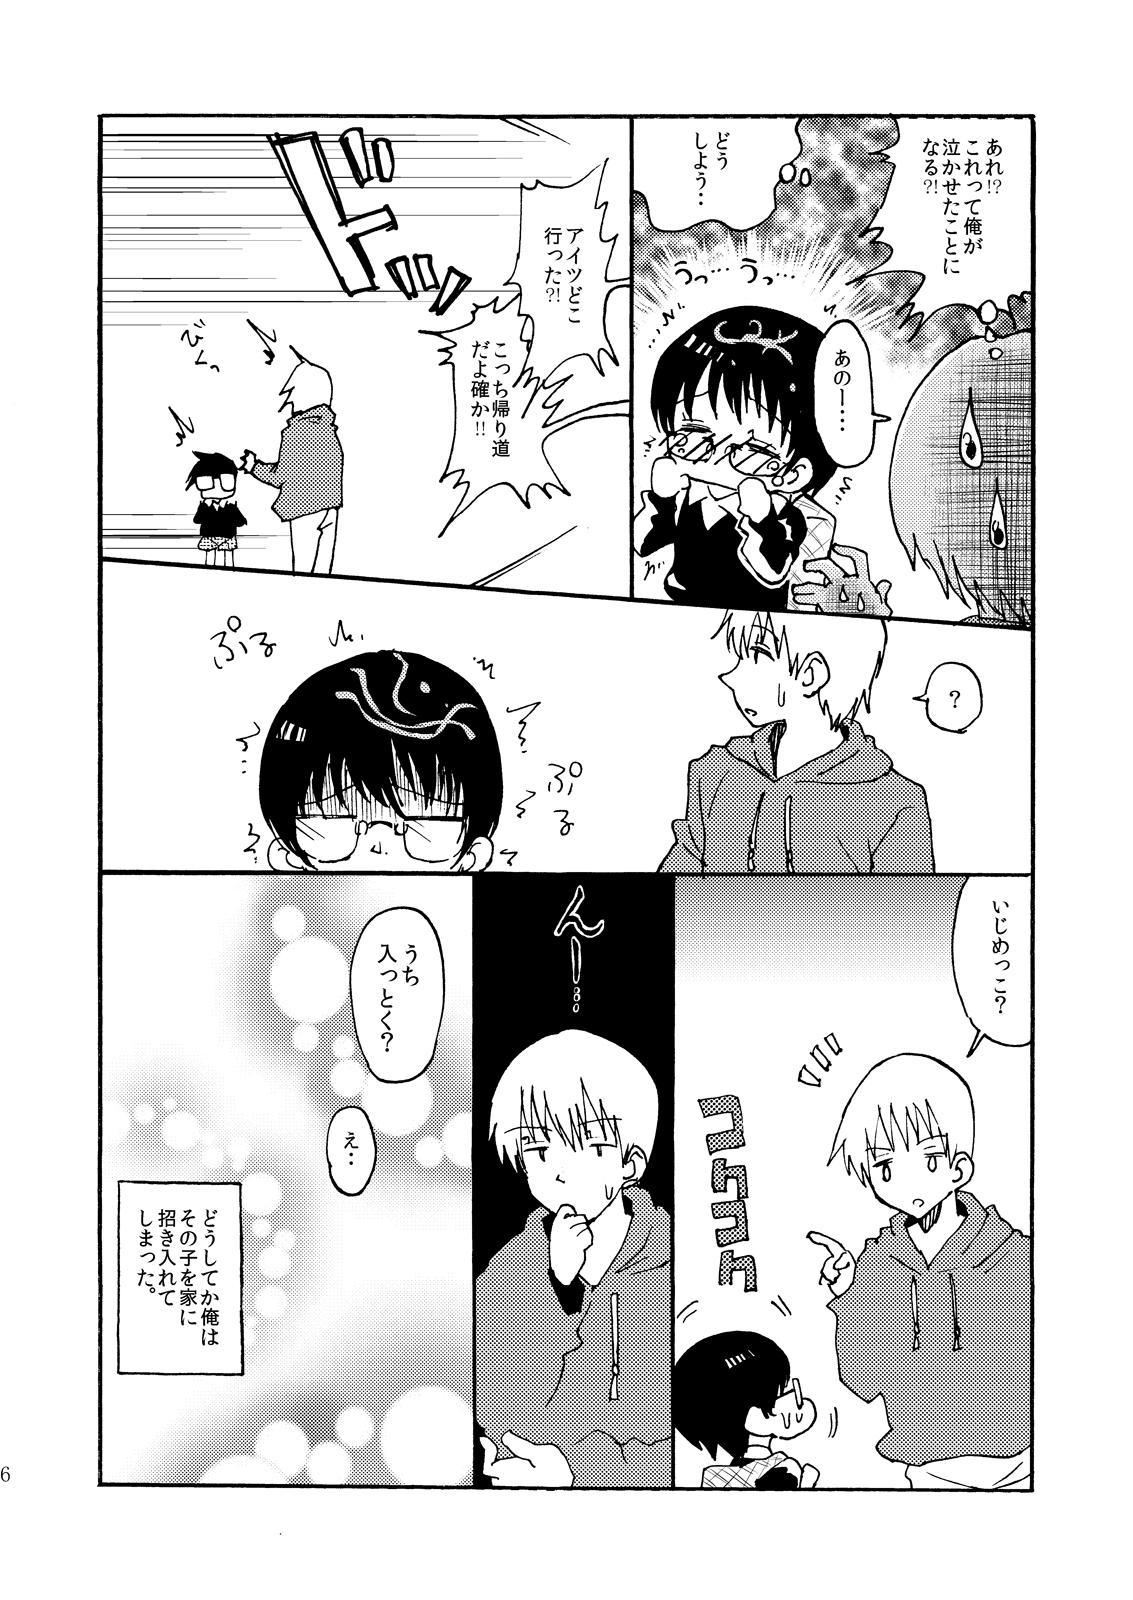 Yuugure Doki no ♂ Gakusei 4